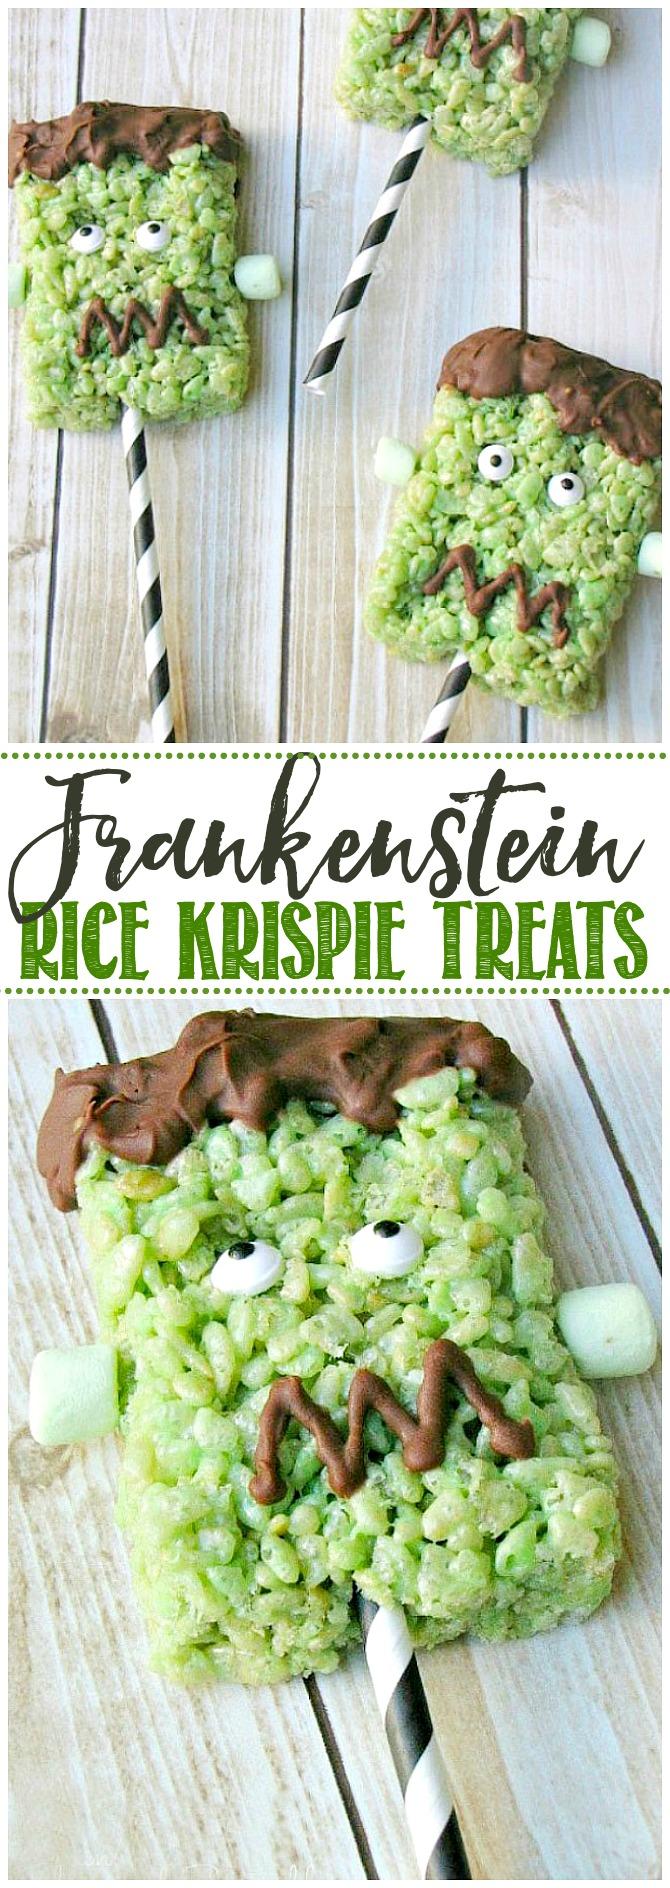 Cute Frankenstein Rice Krispie treat with paper straw handle.